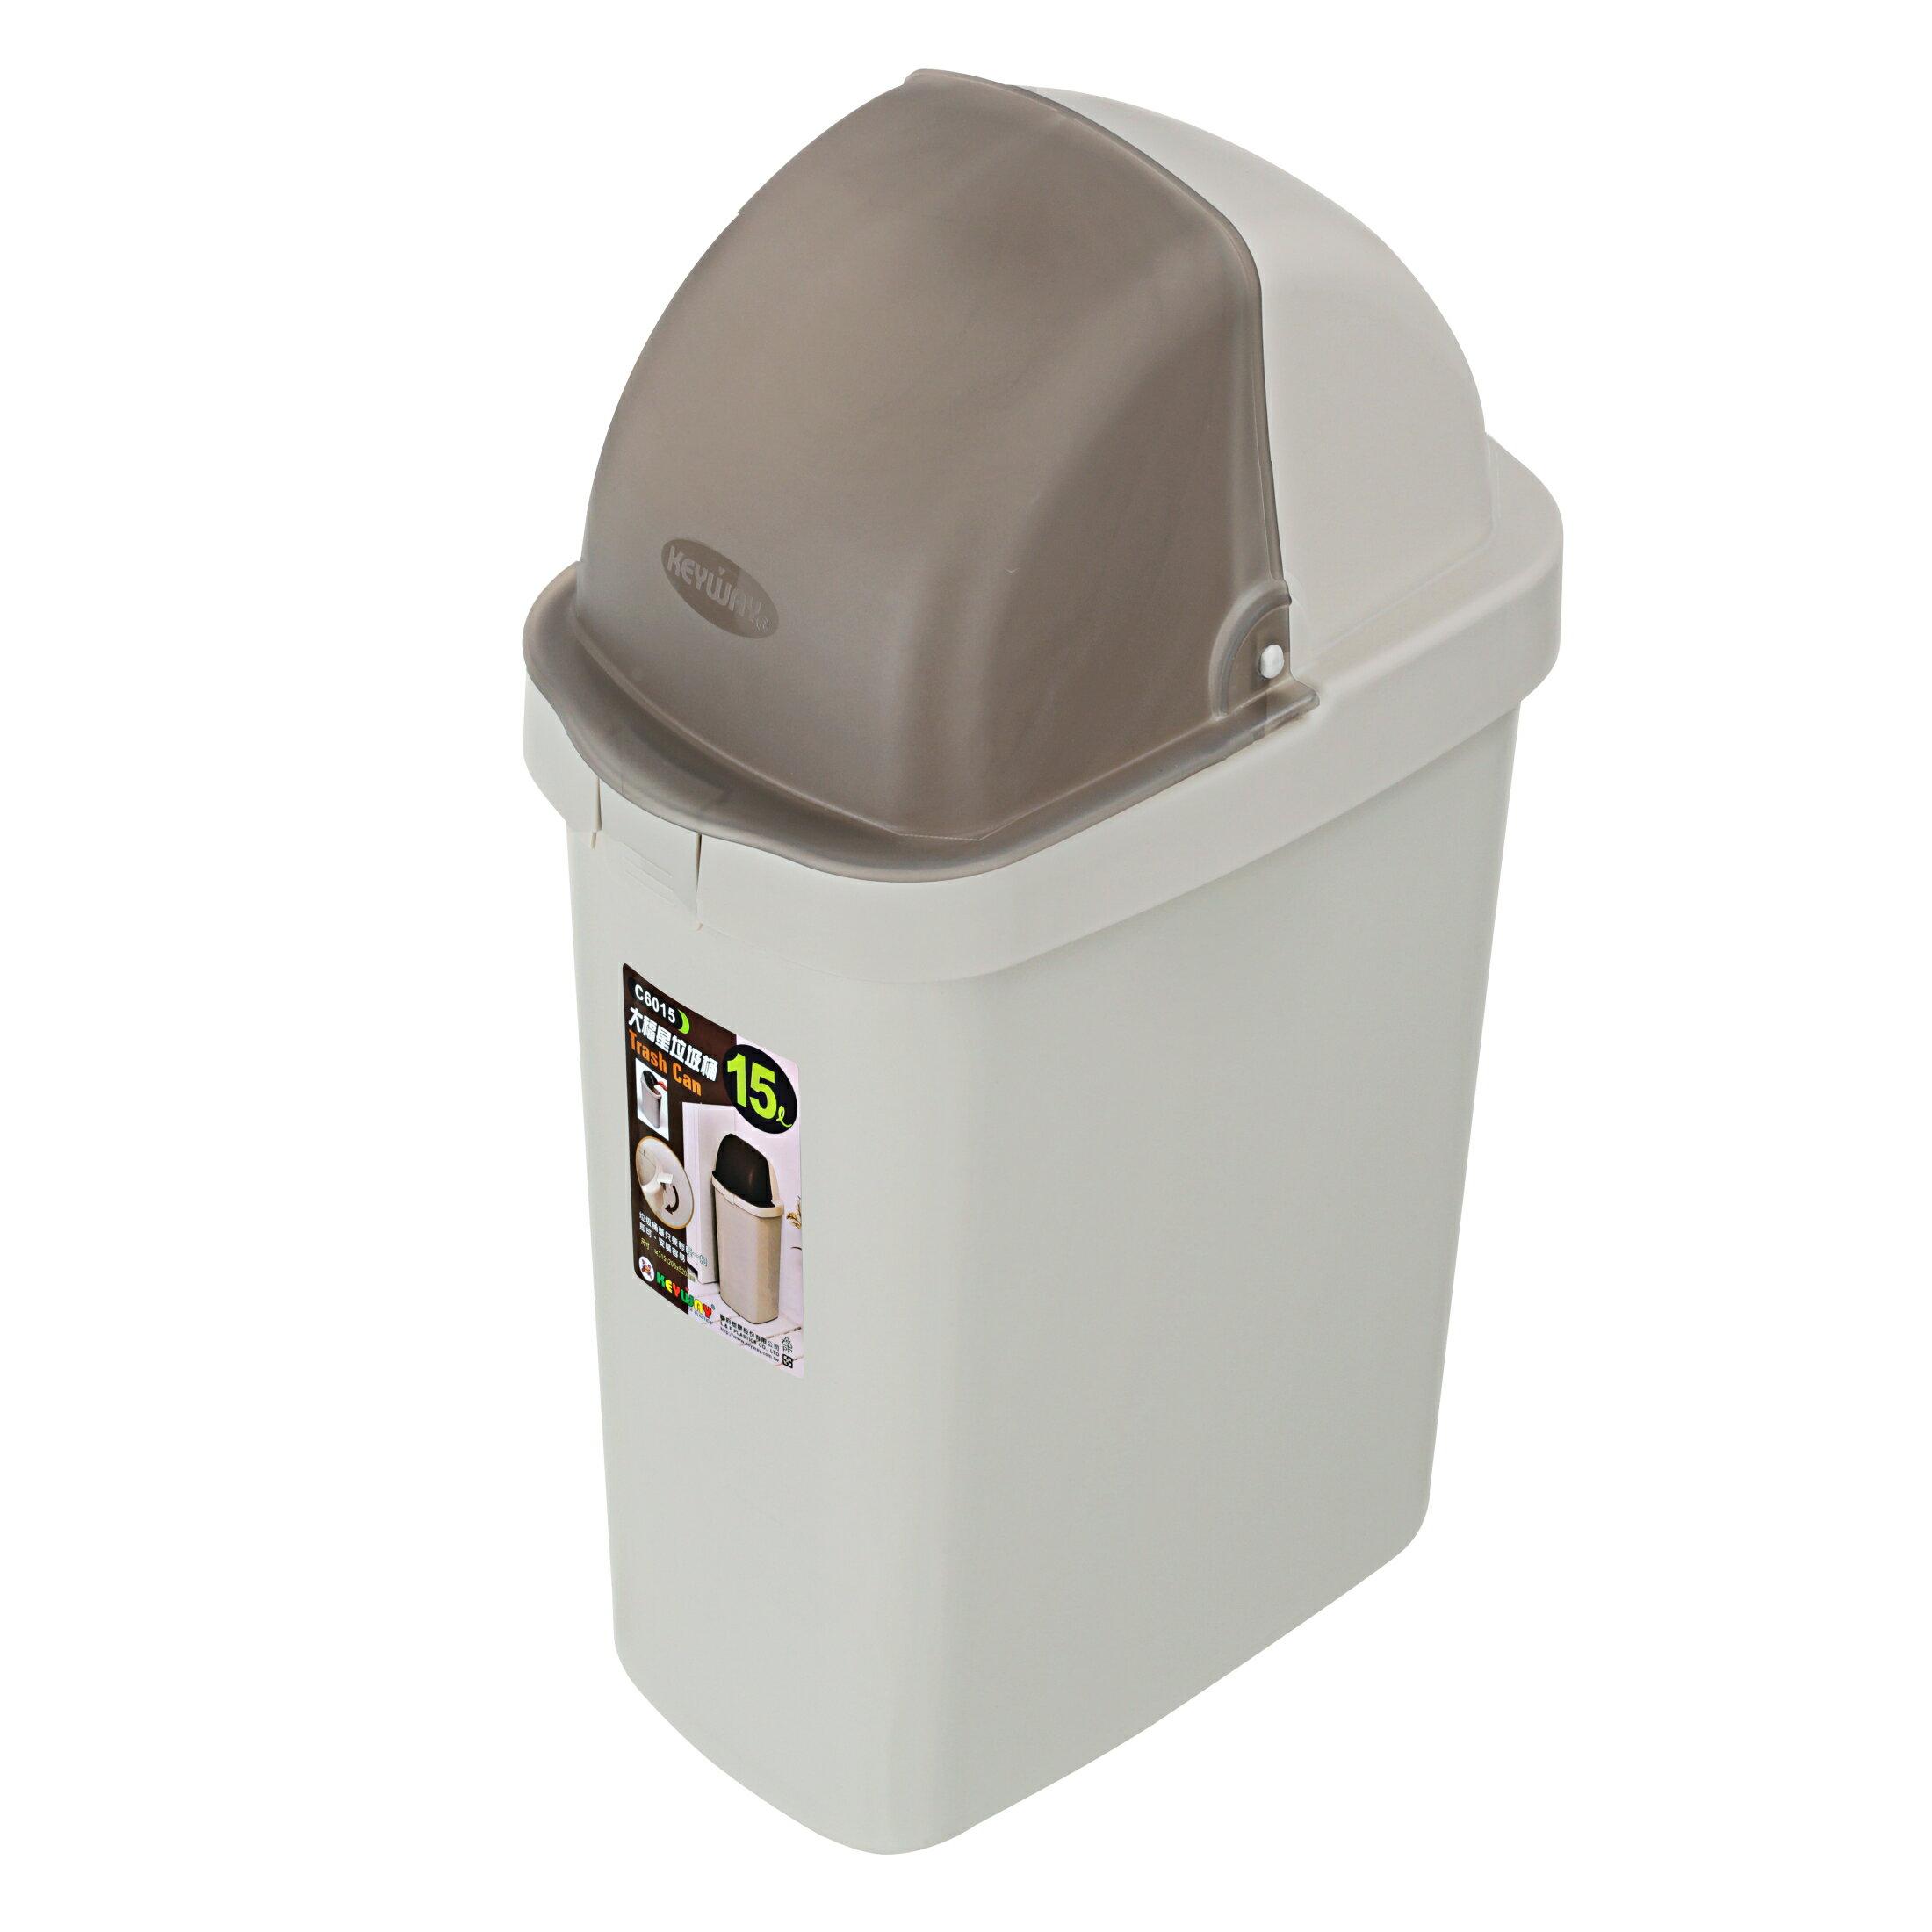 掀蓋式垃圾桶/環保概念/MIT台灣製造 大福星垃圾桶 C6015 KEYWAY聯府